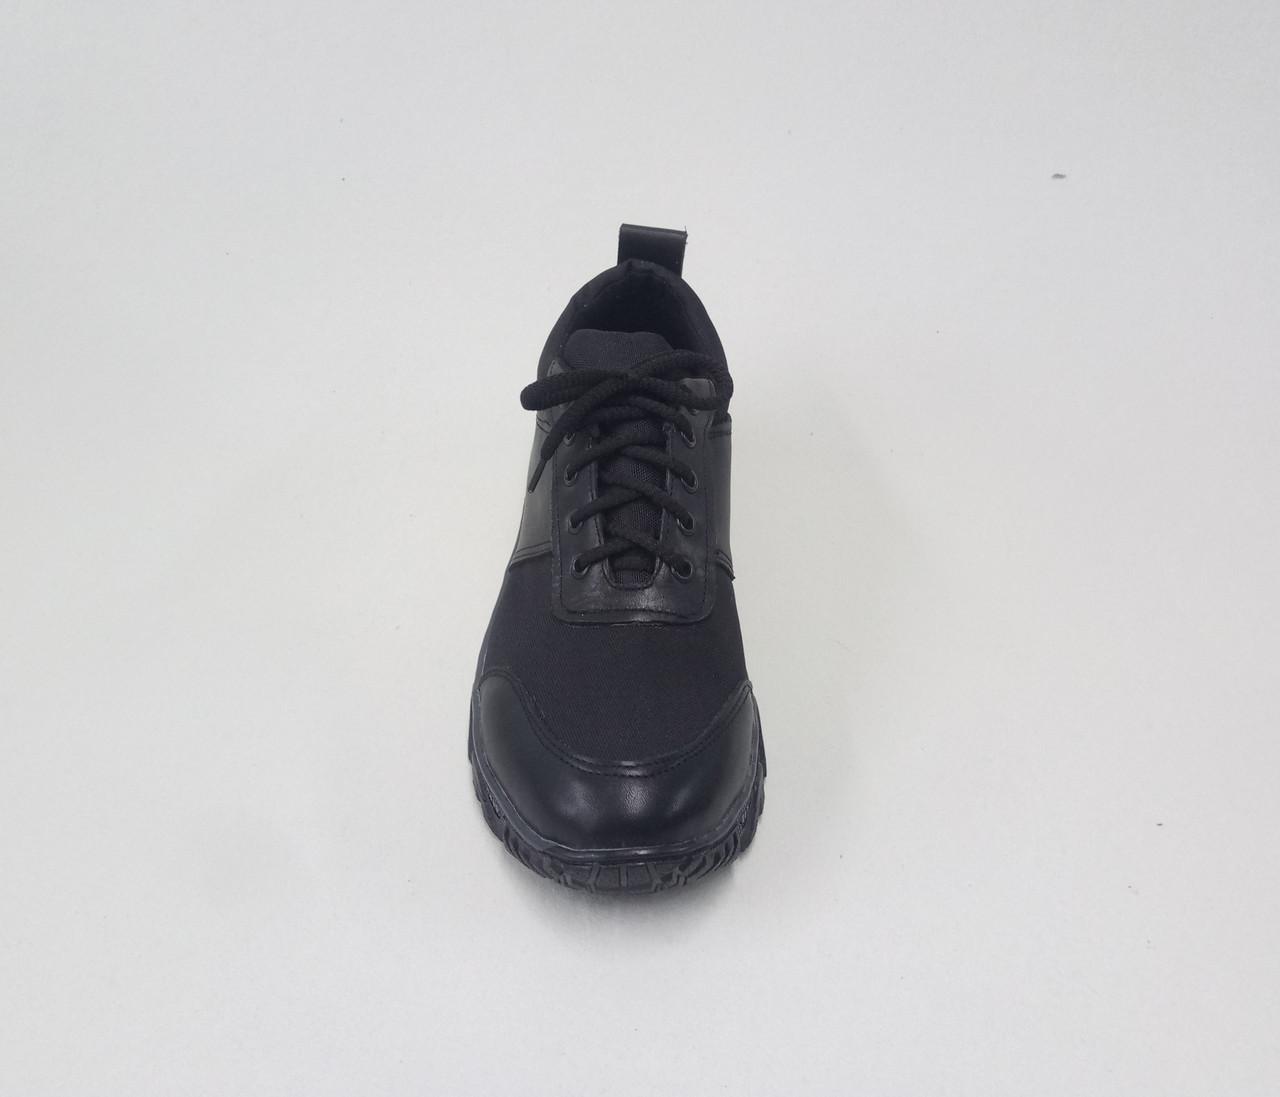 Тактические кроссовки из натуральной кожи РА - Альфа Ч